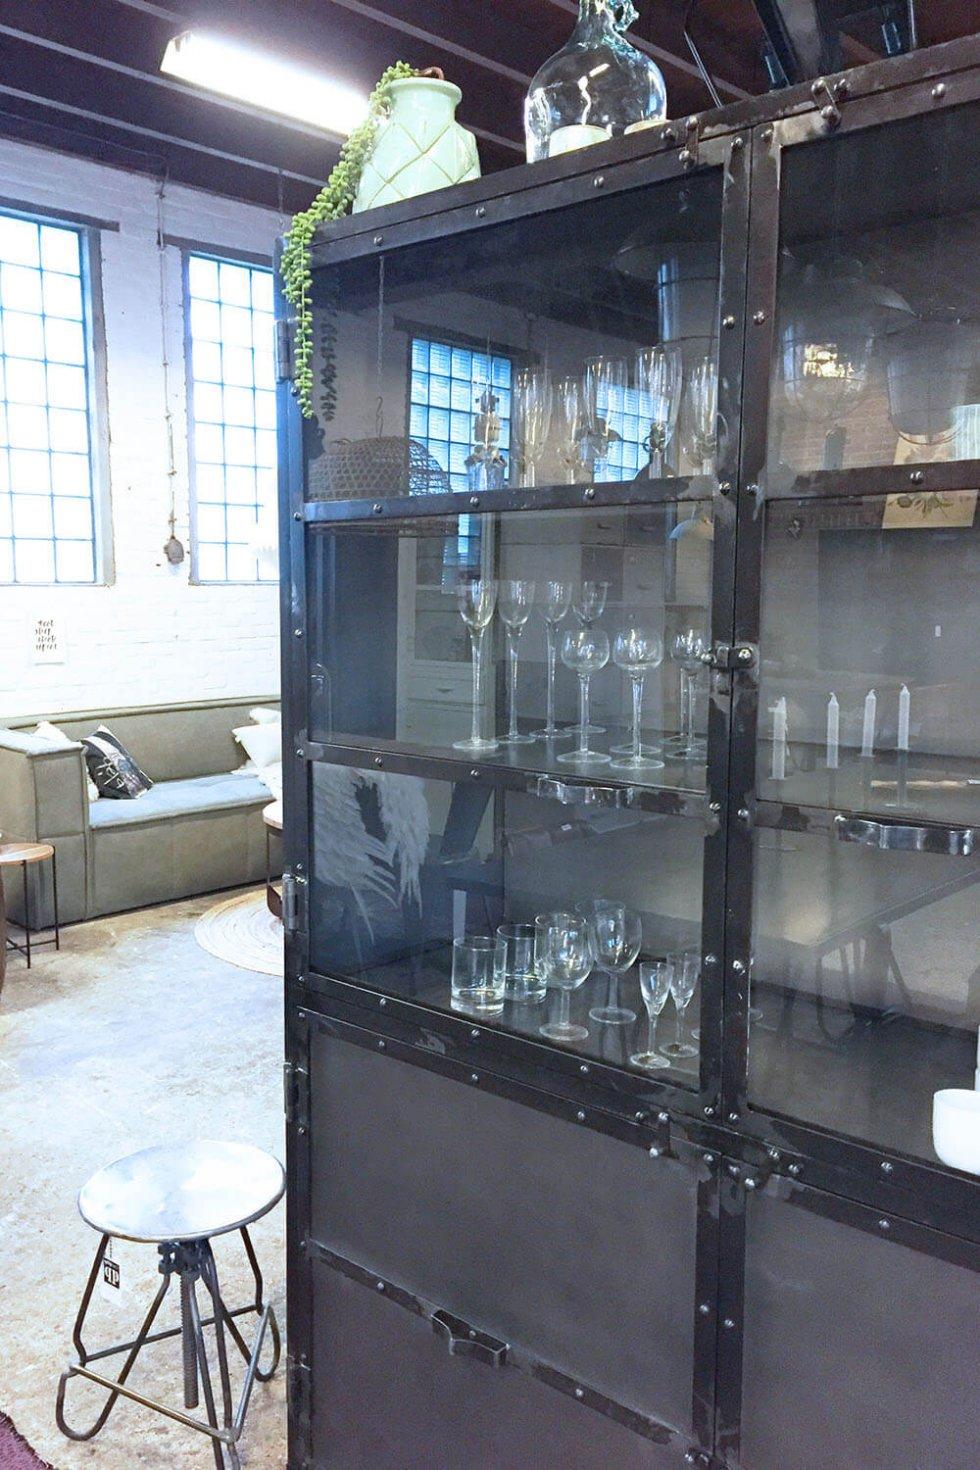 K040s Robuust industriële buffetkast, marcia giga meubel, van quip&Co